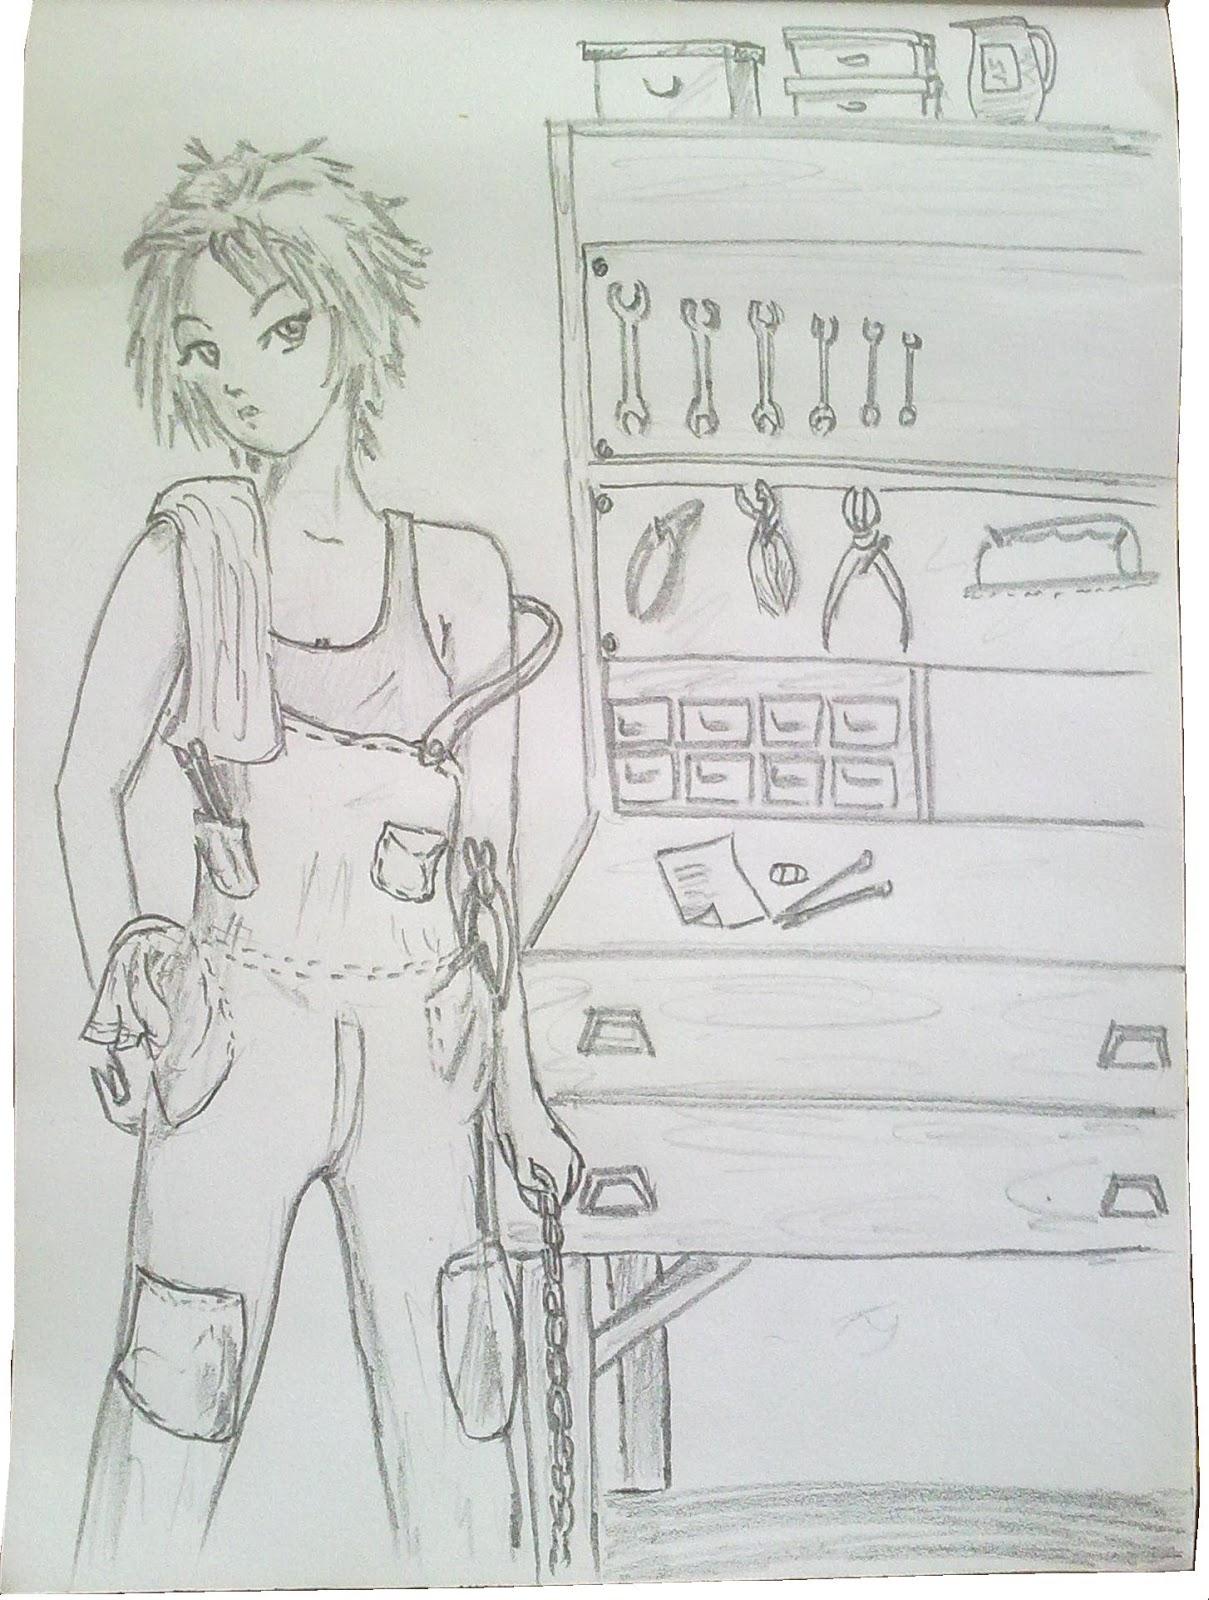 -http://2.bp.blogspot.com/-XkZyiTRoM7g/UcmyHjhPSiI/AAAAAAAAA6w/lx8MMTz7l2s/s1600/Anime+%25C3%25A7izimi2.jpg